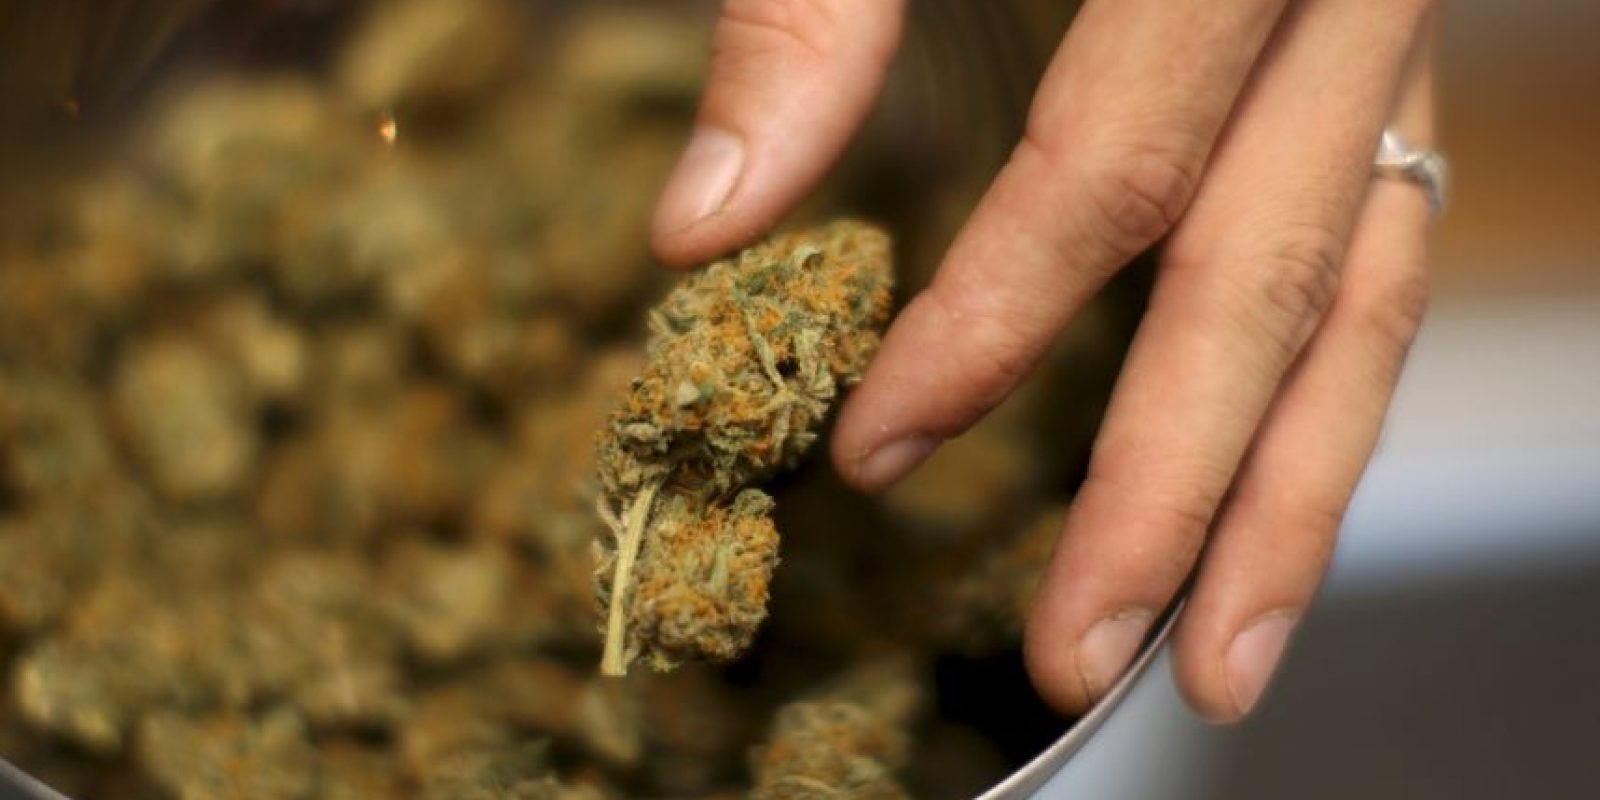 La planta contiene varios compuestos químicos que podrían ser útiles para tratar varias enfermedades o síntomas Foto:Getty Images